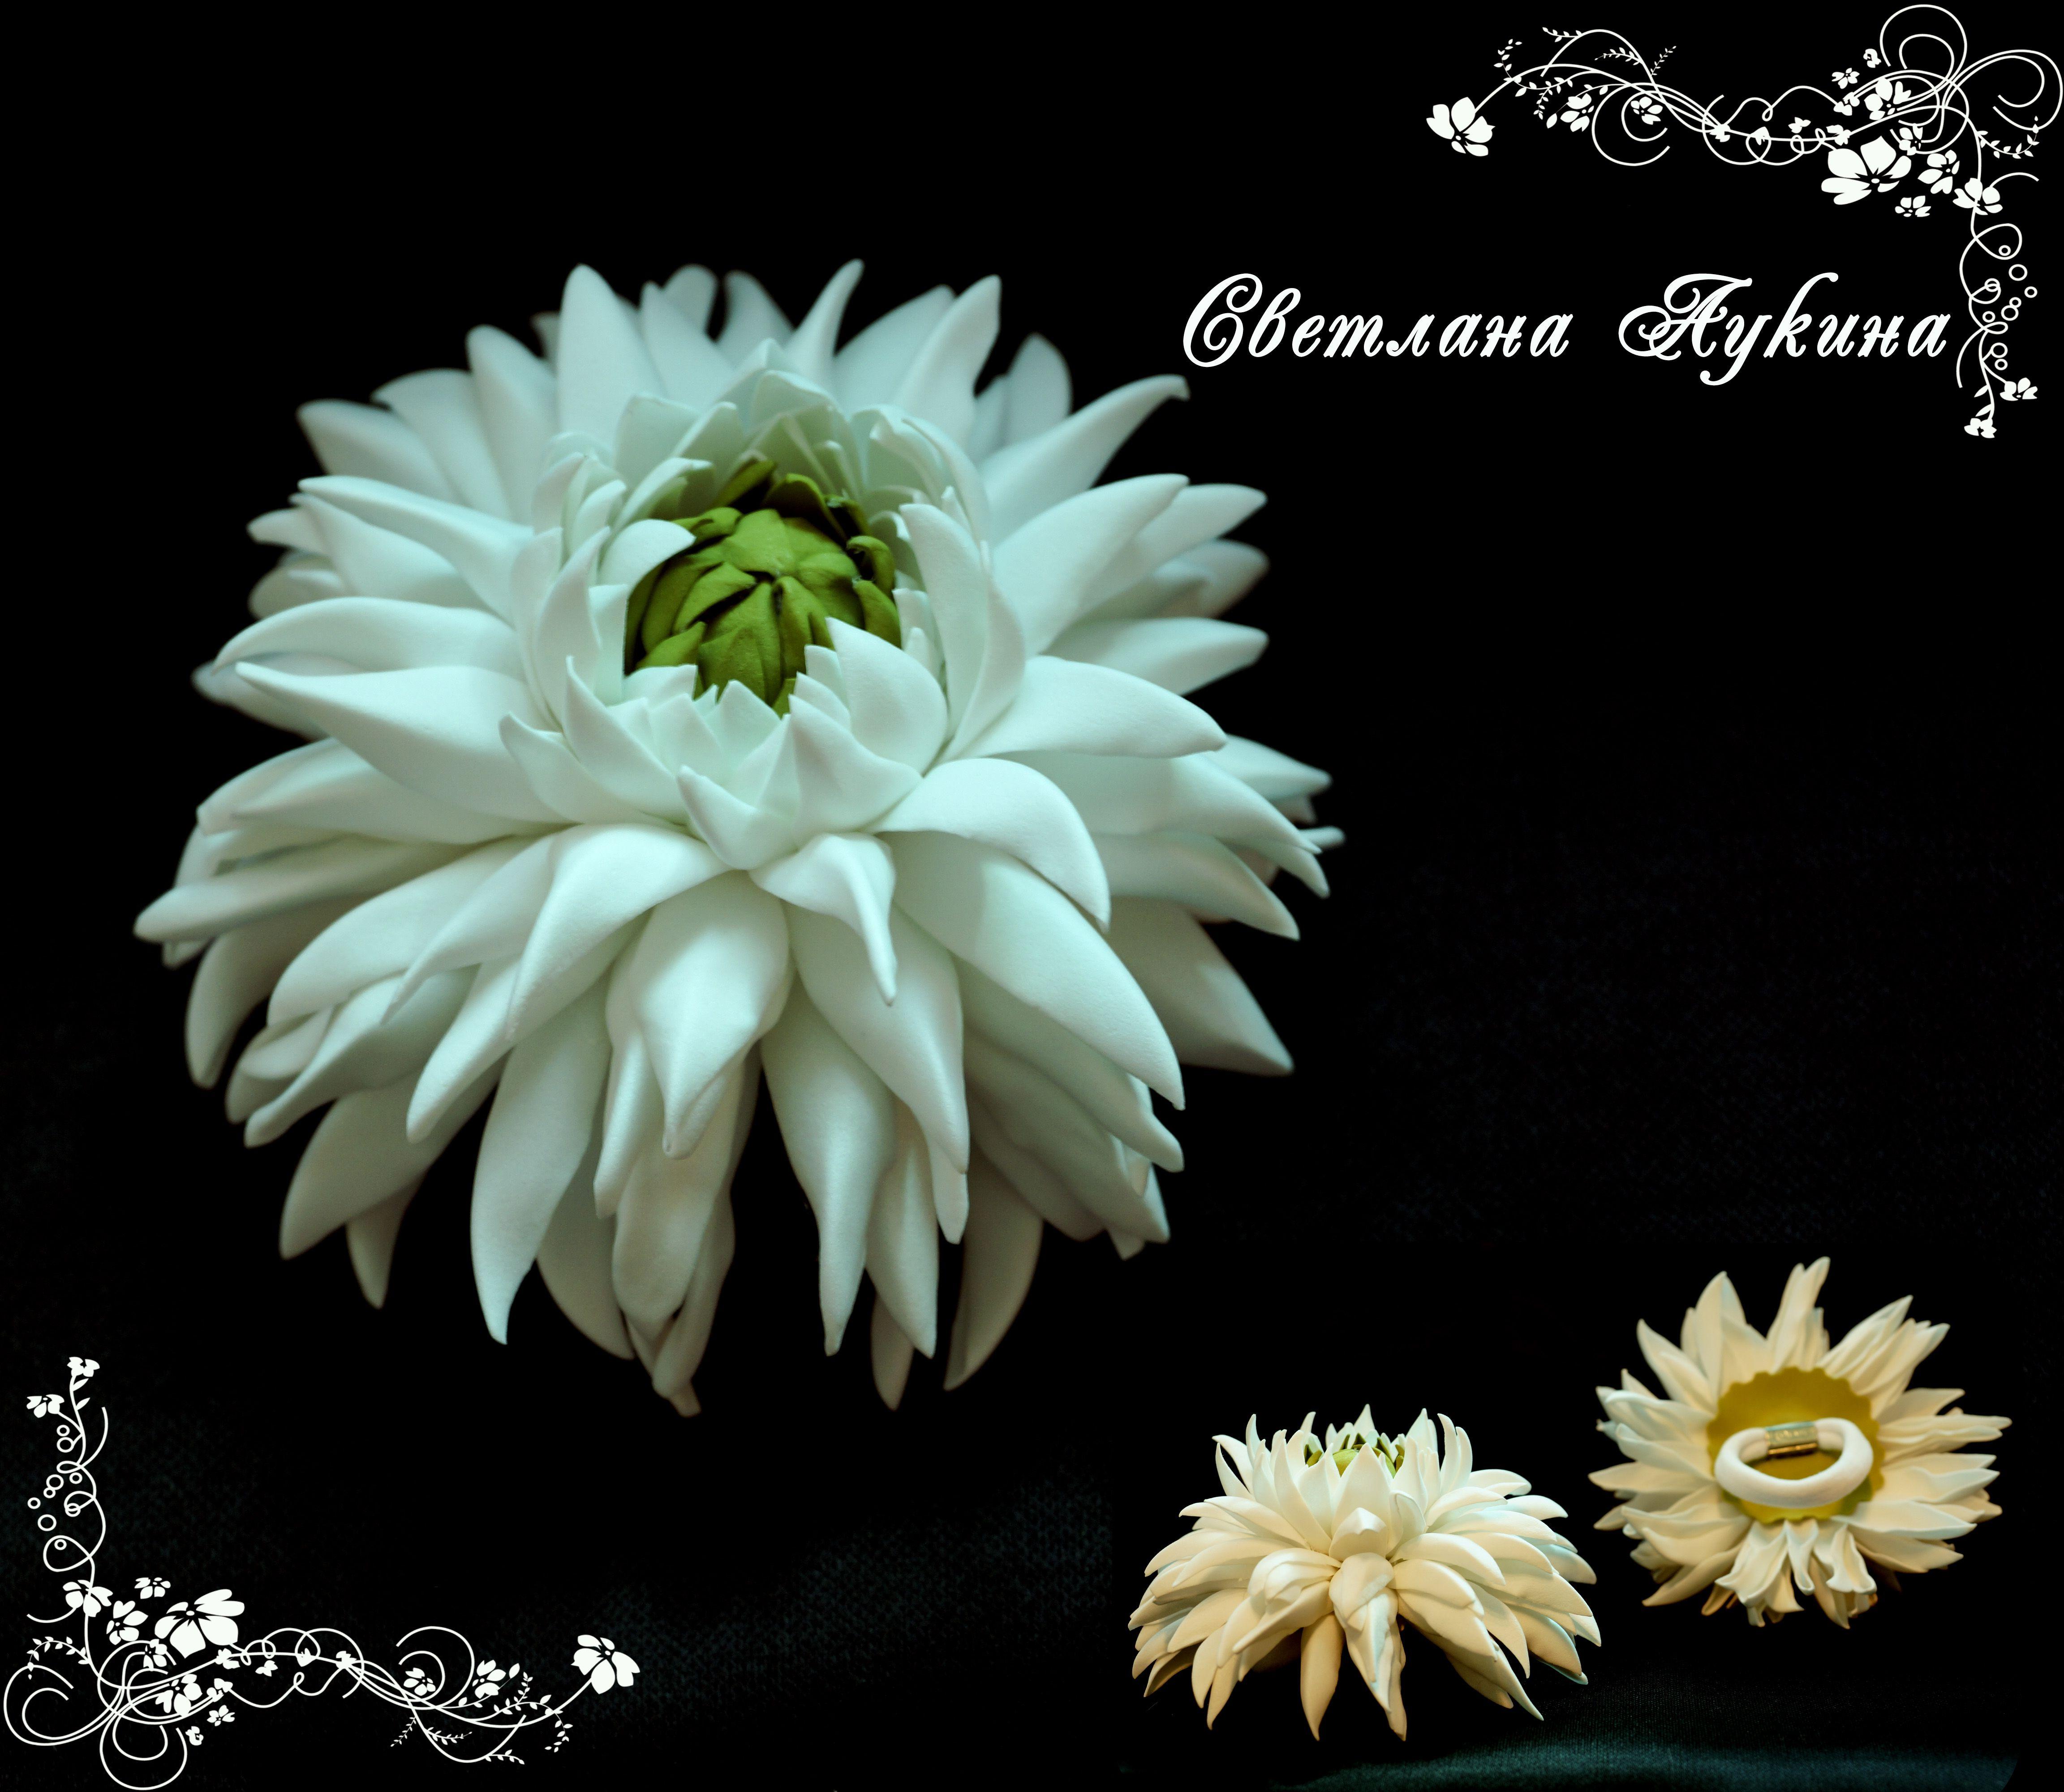 из резинки фоамирана с украшение для цветами волос цветы